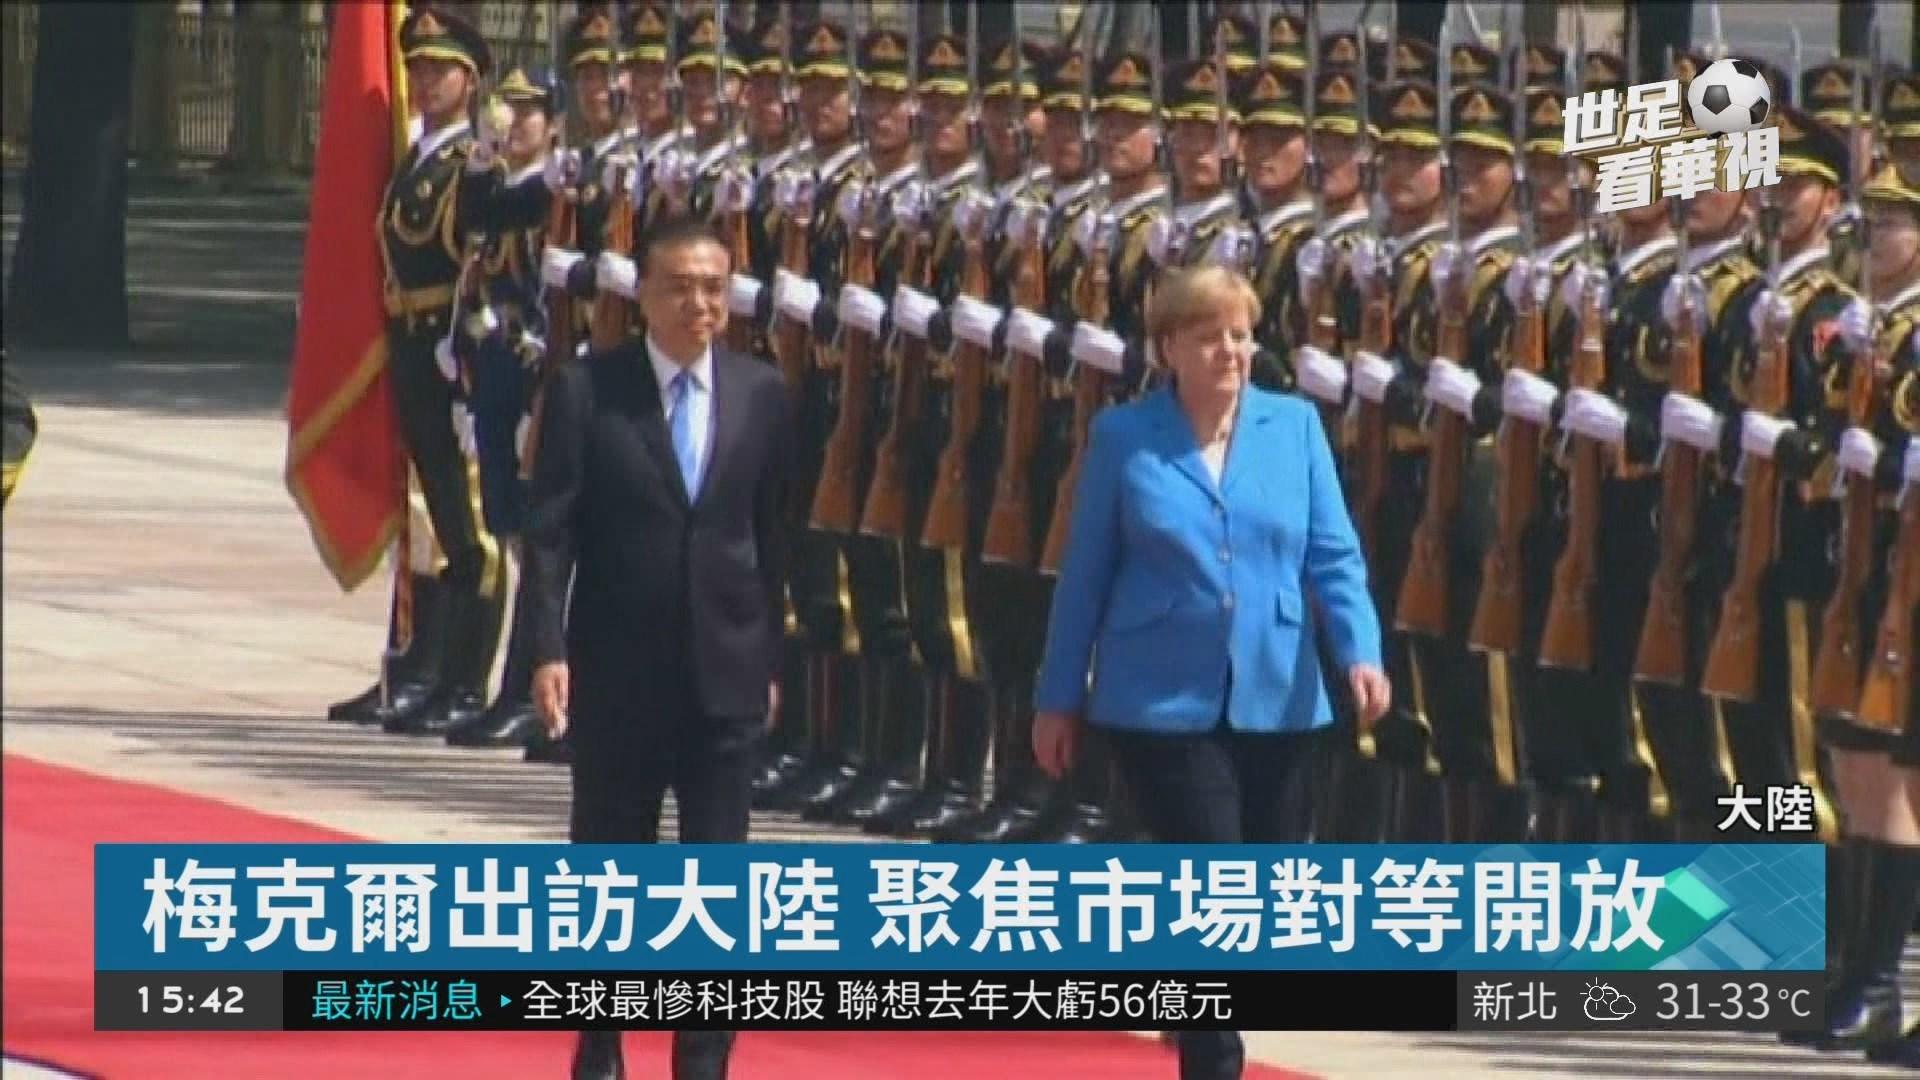 德國總理梅克爾訪中 李克強親迎接